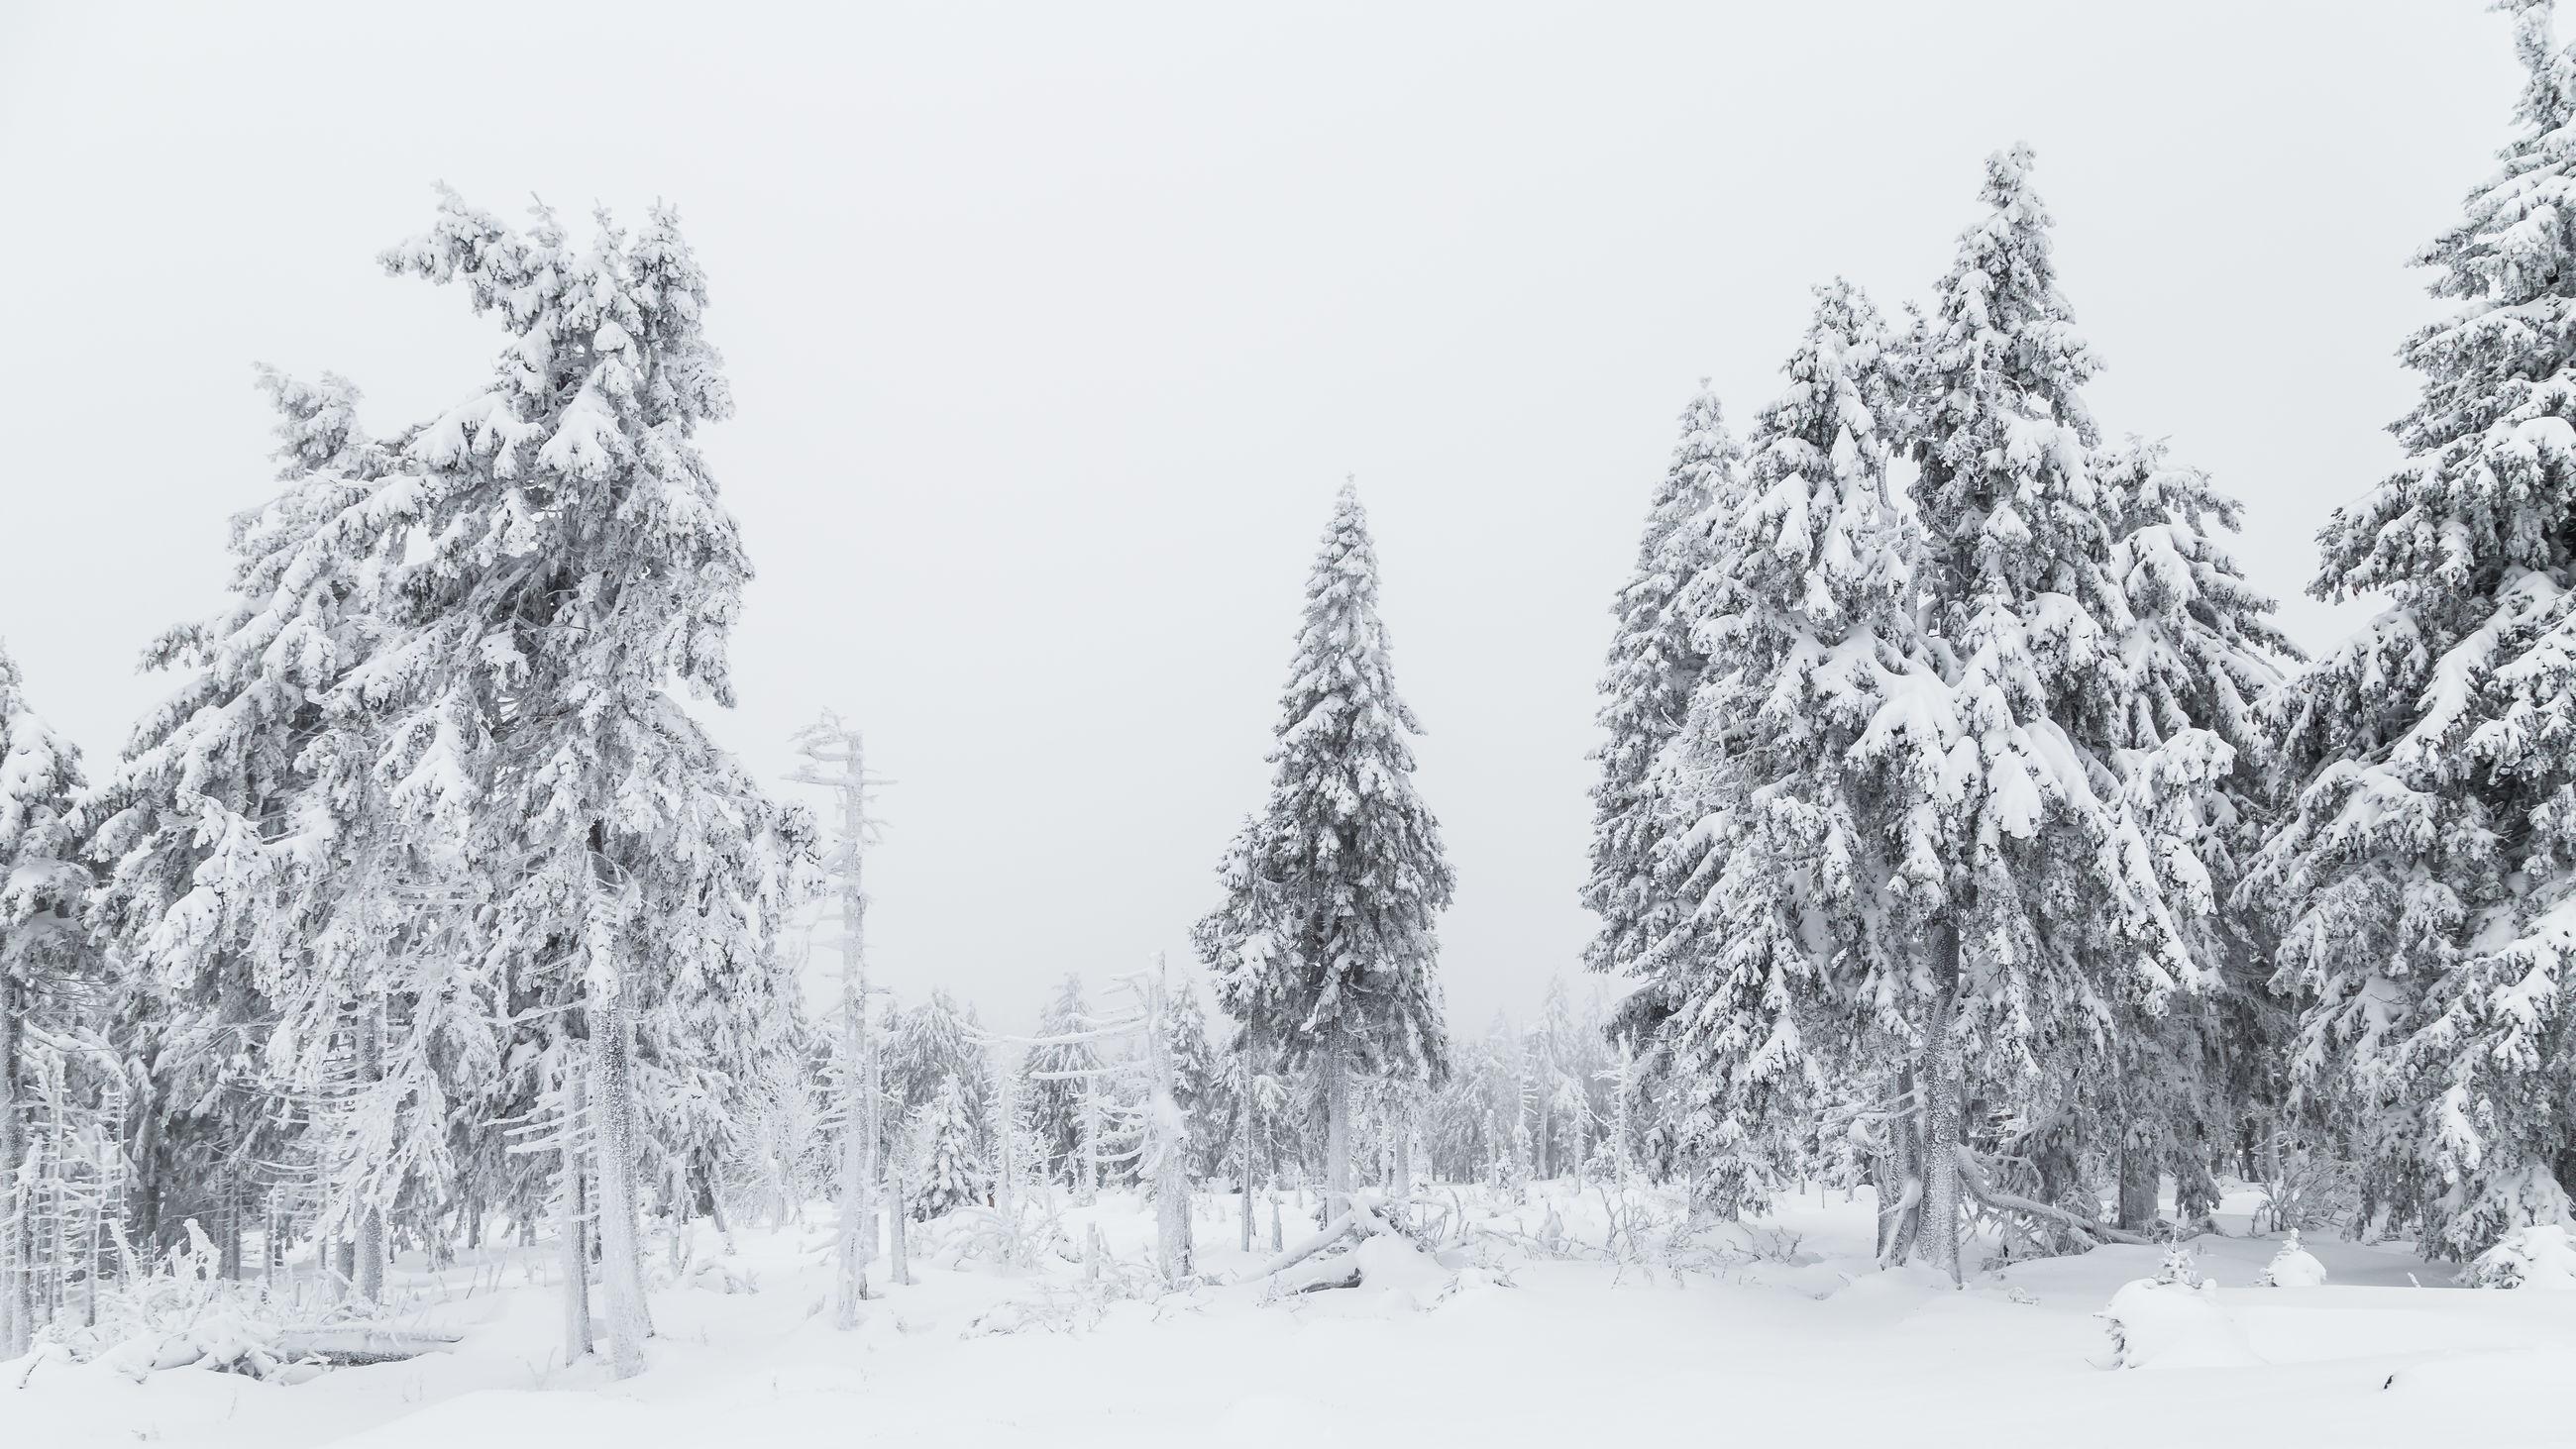 TREES ON SNOW AGAINST CLEAR SKY